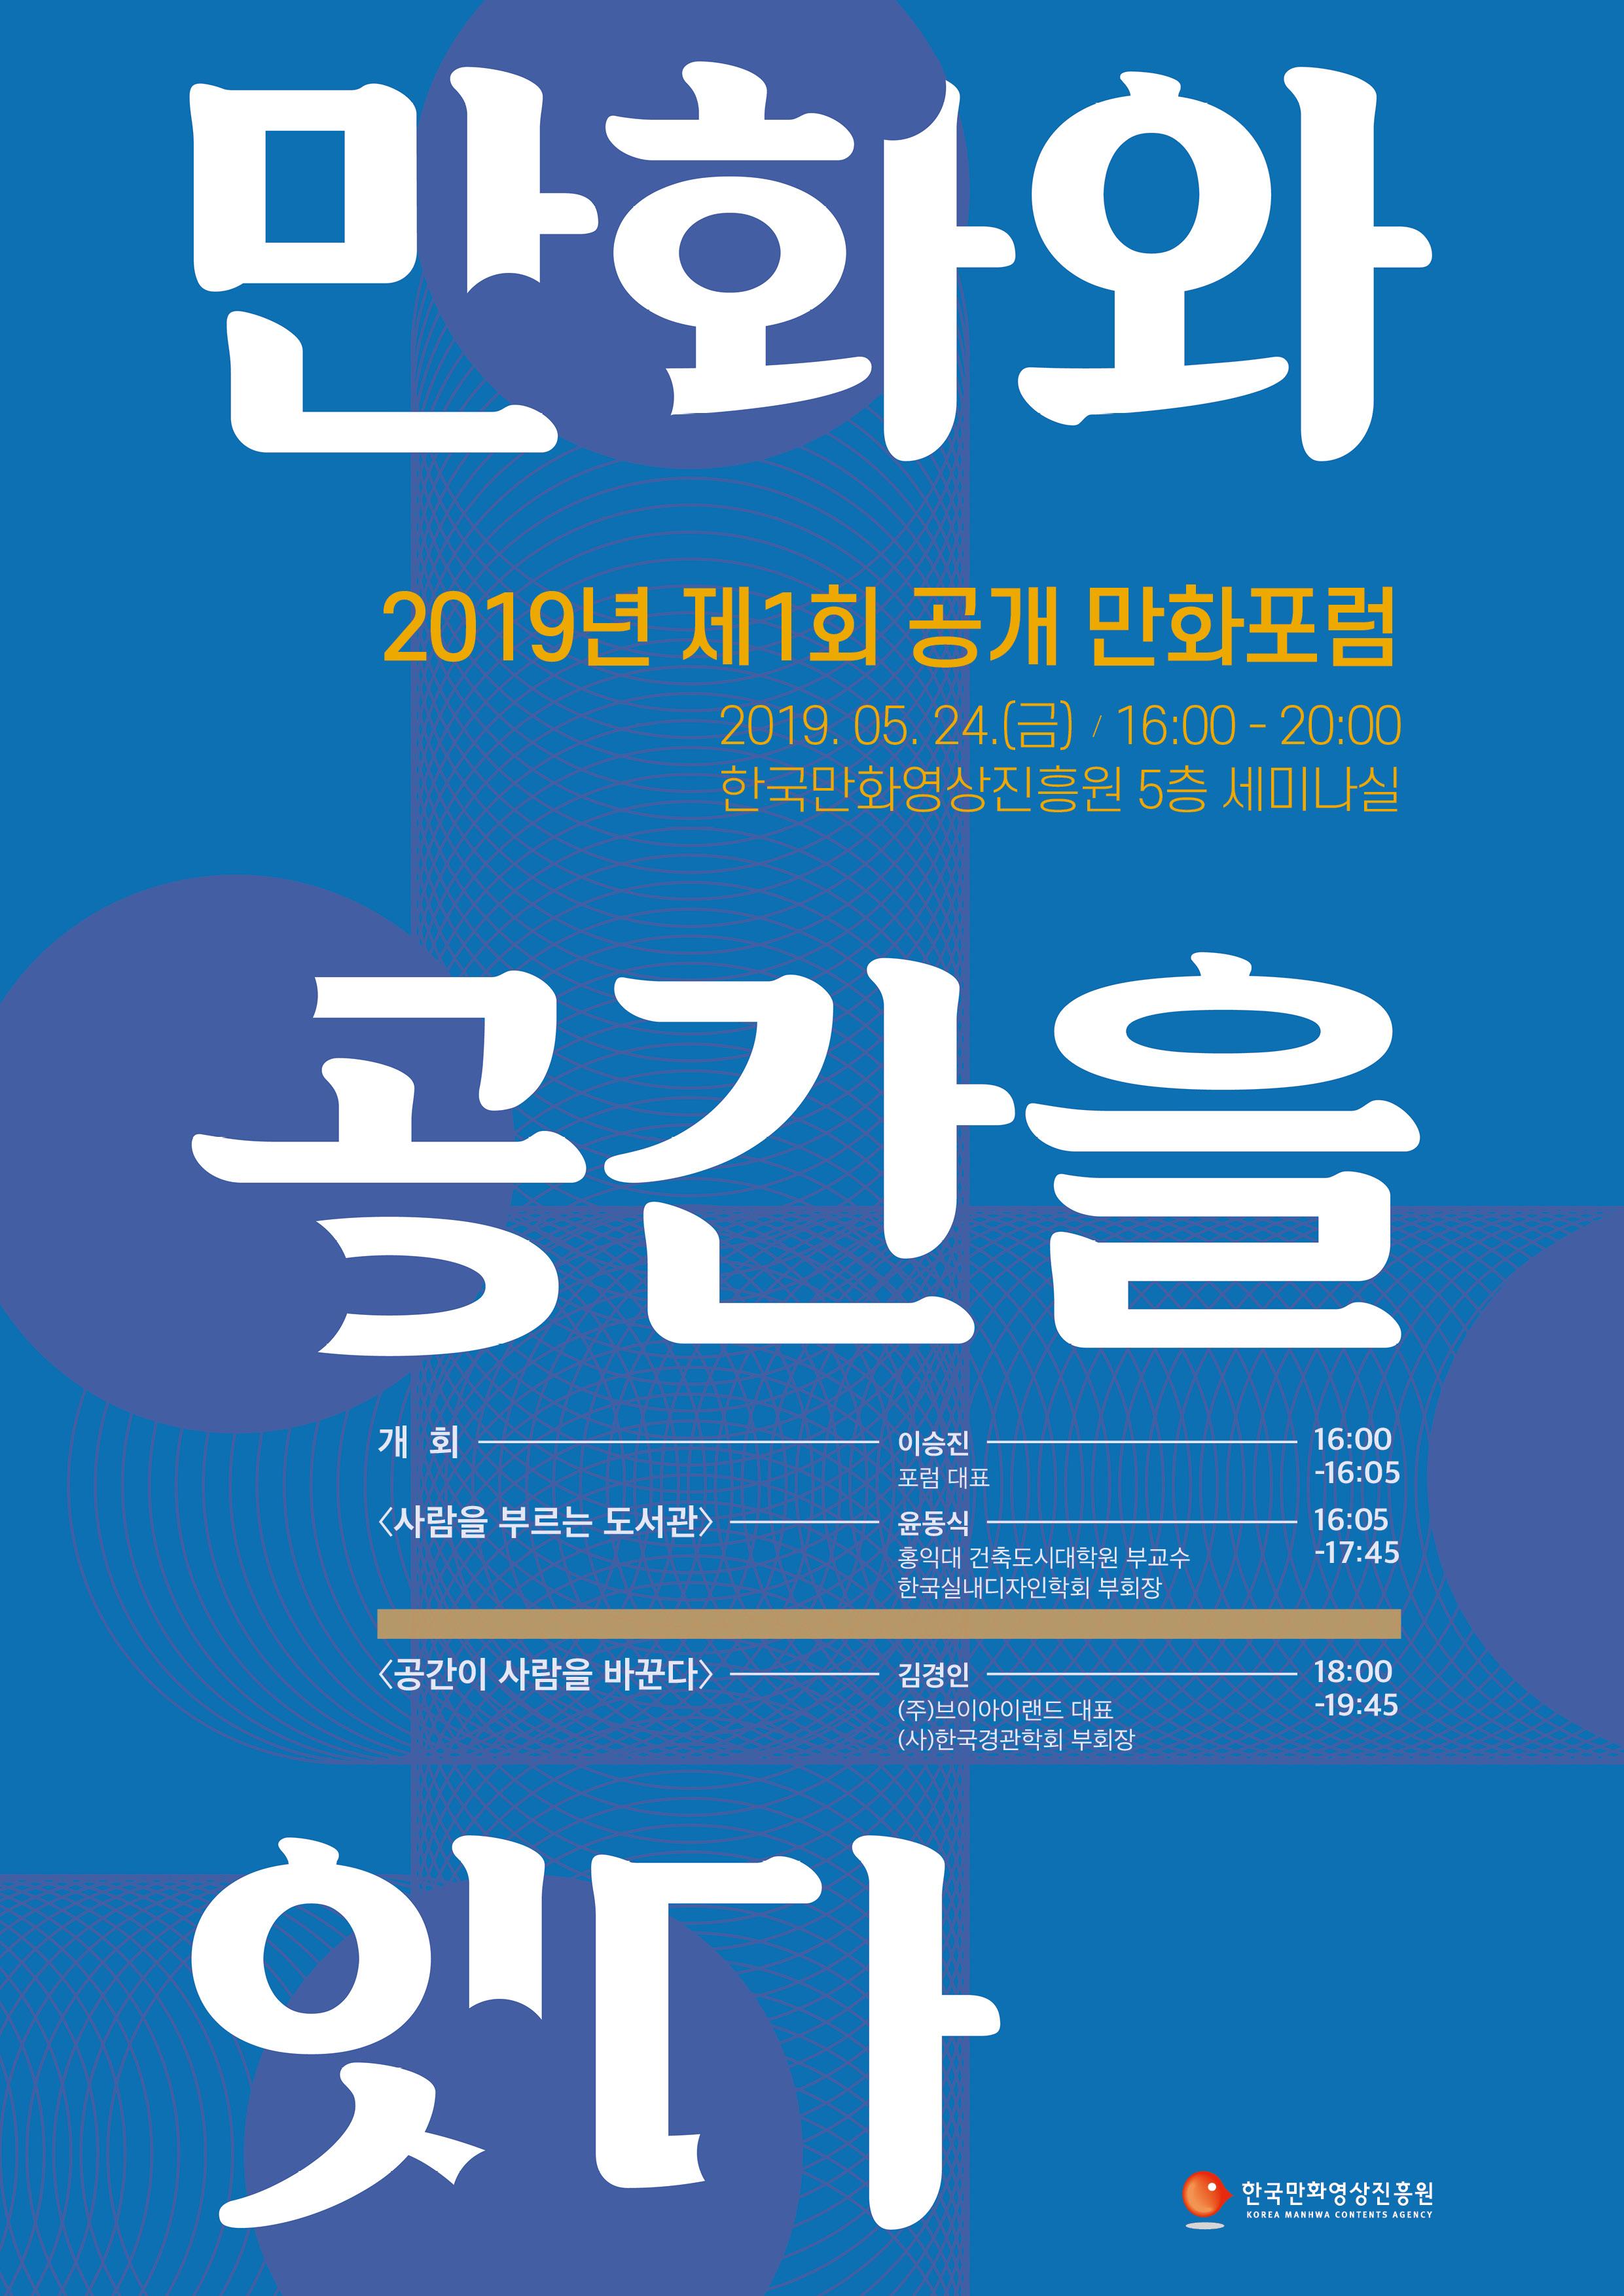 2019 공개 만화포럼_포스터_a2_최종.jpg